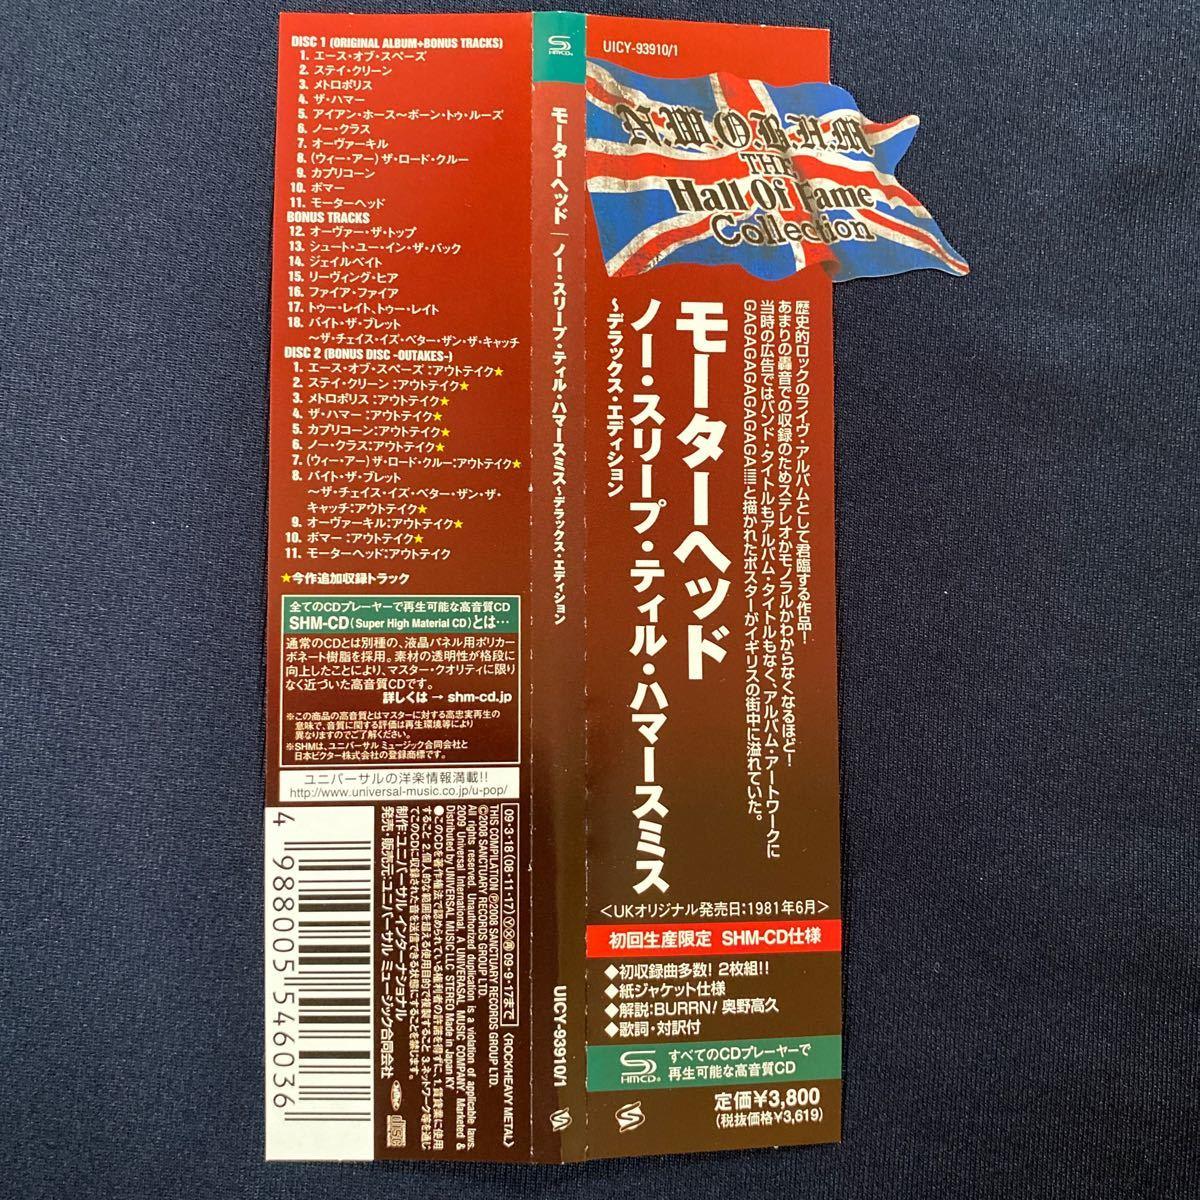 モーターヘッド/ノー・スリープ・ティル・ハマースミス〜デラックス・エディション SHM-CD仕様2枚組限定盤